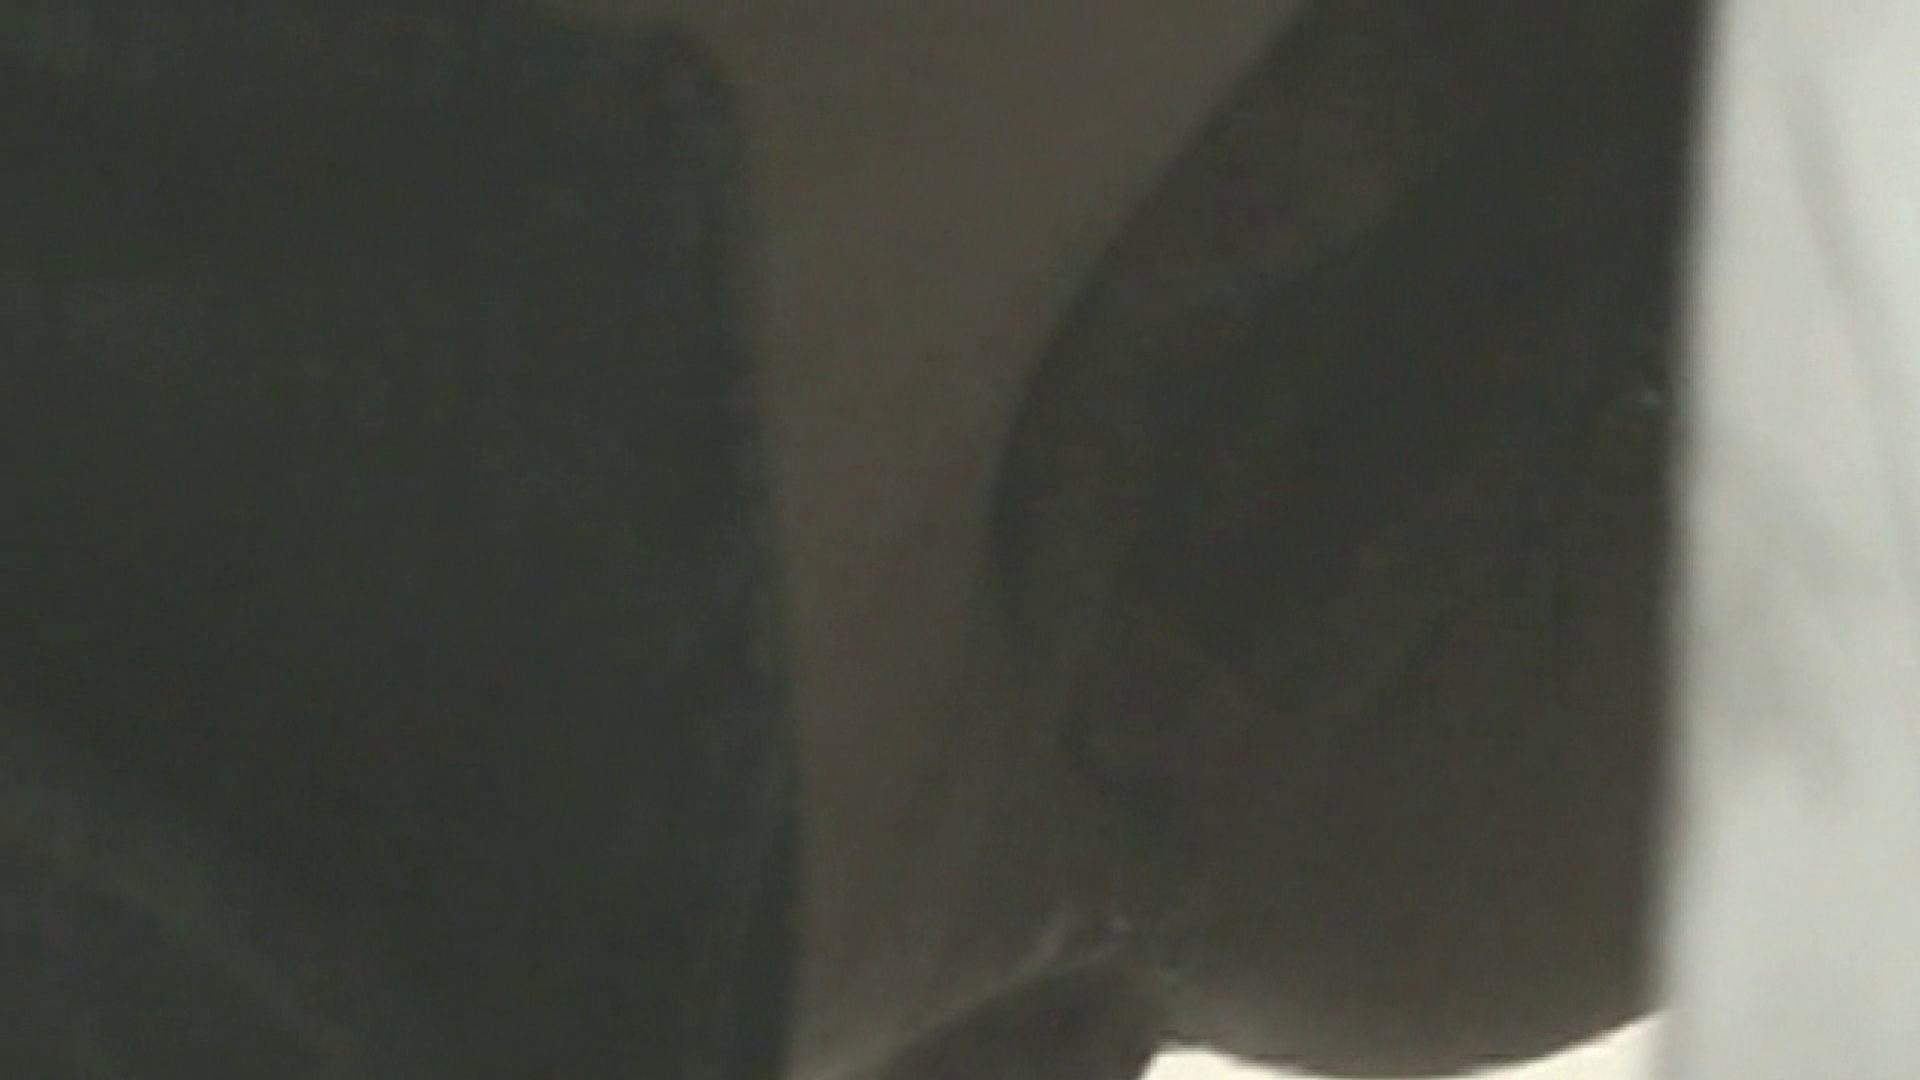 ロックハンドさんの盗撮記録File.47 接写 | モロだしオマンコ  99pic 1